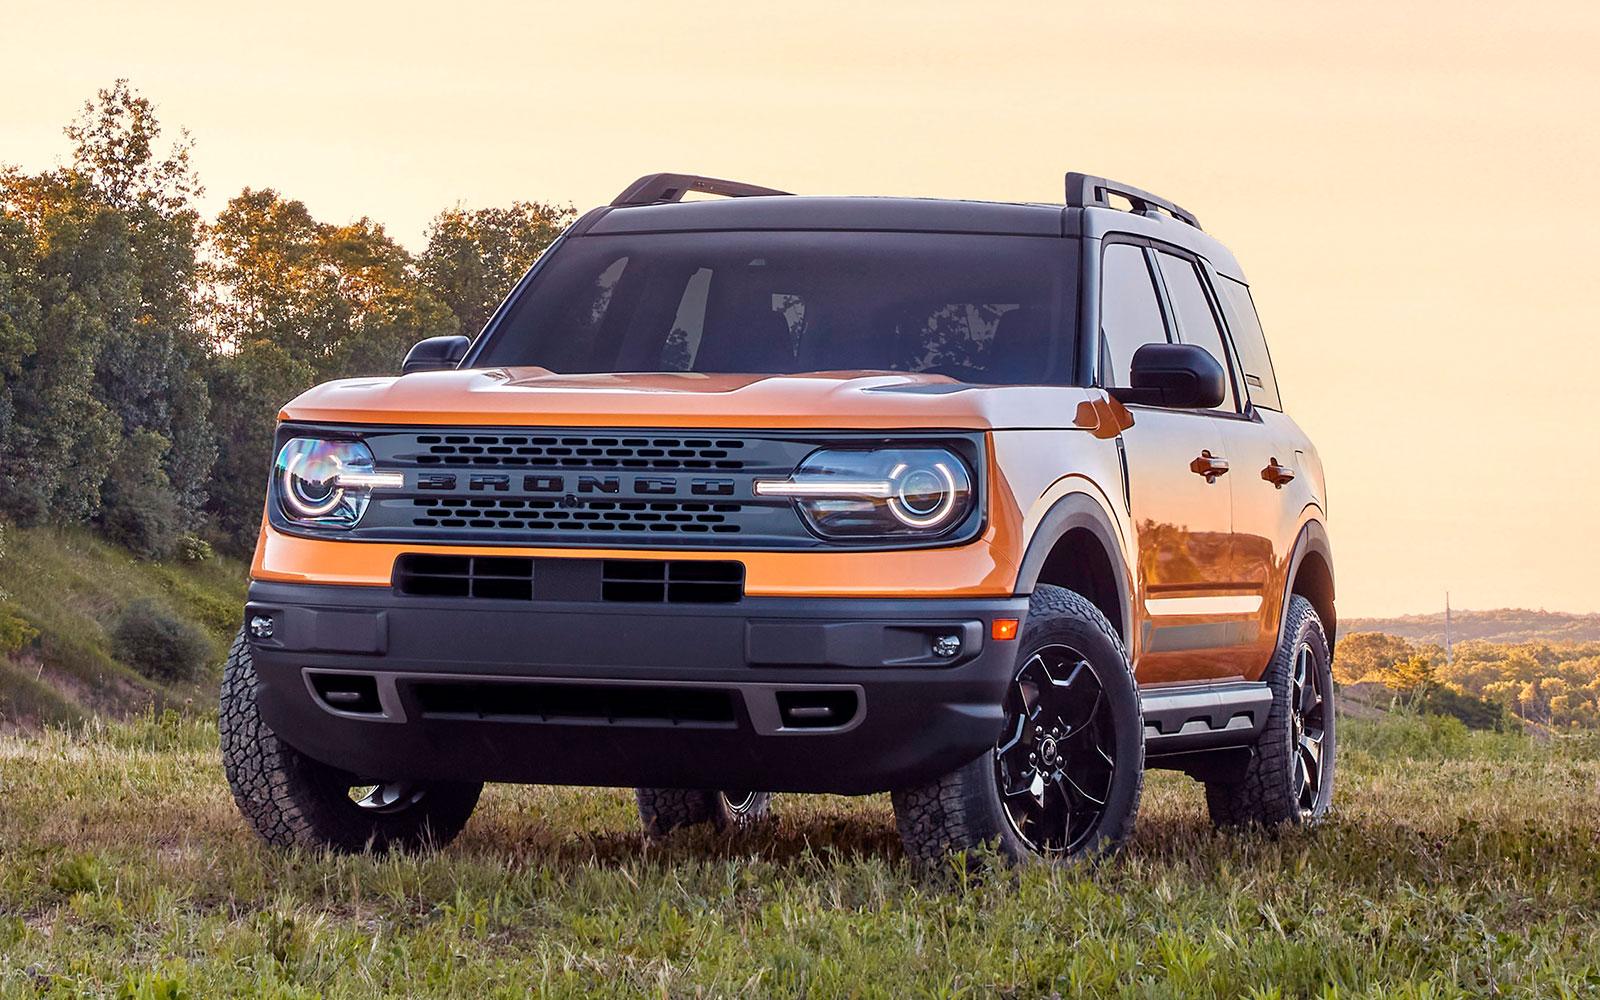 Мы уже слышали о намерении фирмы Ford превратить знаменитое название Bronco в суббренд и расширить линейку за счёт новых моделей: возможно, в гамме появится электрокар.